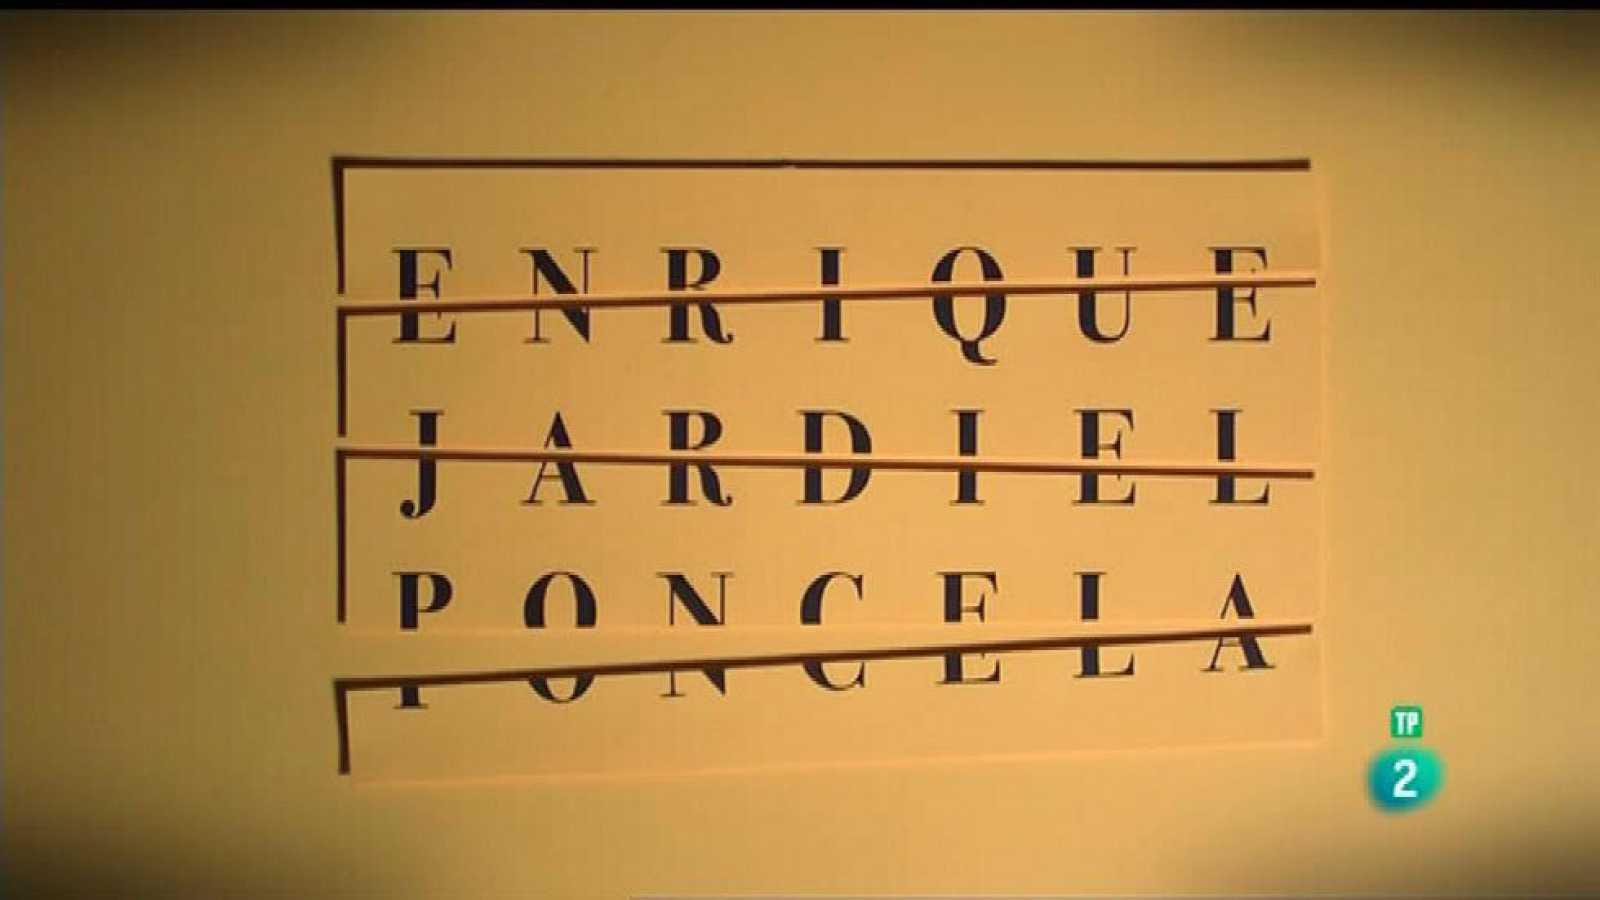 Página Dos - El aniversario - Enrique Jardiel Ponciela